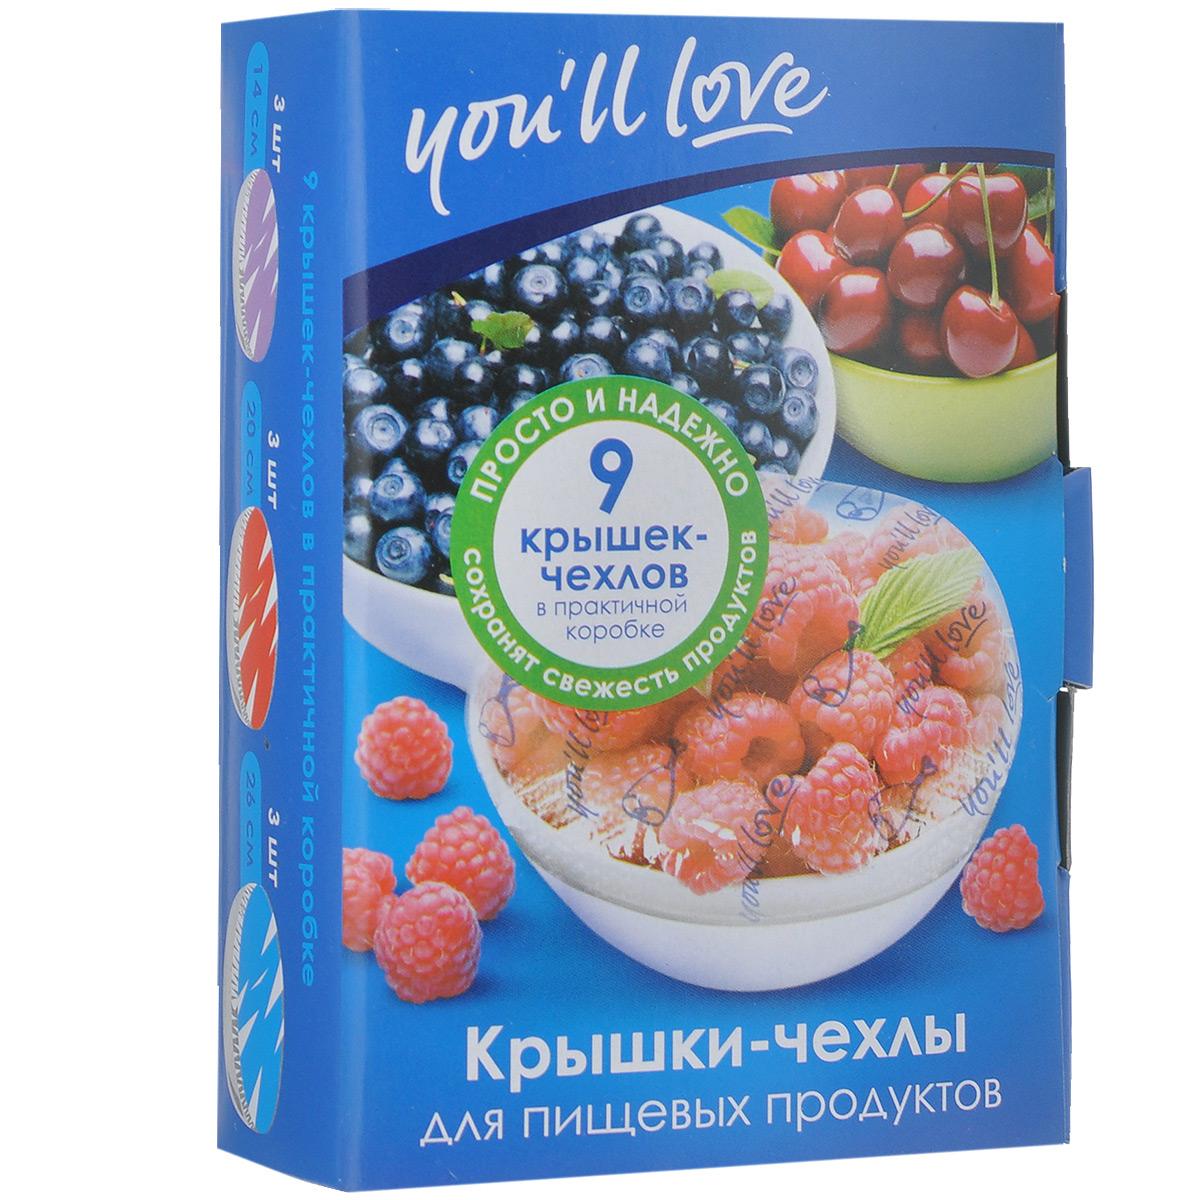 Крышки-чехлы для пищевых продуктов Youll love, 9 шт59Крышки-чехлы для пищевых продуктов Youll love, изготовленные из полиэтилена, предназначены для сохранения свежести продуктов, напитков в открытых емкостях. С их помощью вы сможете хранить тарелки с салатом, открытые банки или кувшины с напитками, разрезанные арбузы и дыни. Резинка плотно закрепляет чехол на посуде и надолго сохраняет свежесть ваших продуктов на столе, на террасе или в холодильнике. В наборе - 9 крышек-чехлов. Можно использовать при разогреве продуктов в микроволновой печи.